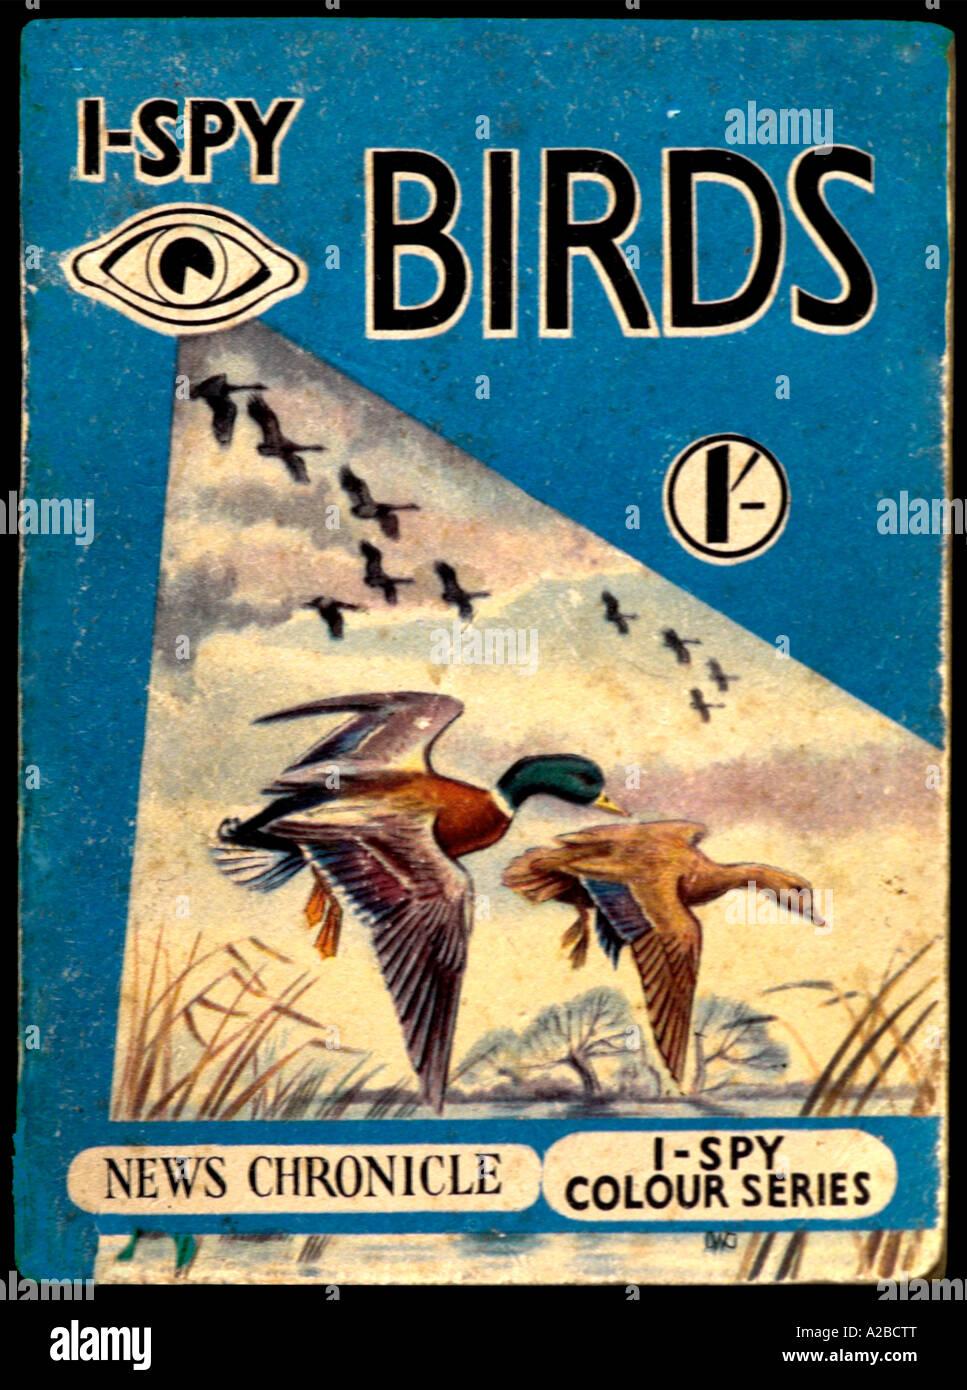 I-Spy Libros 1950 1960 para uso editorial sólo Imagen De Stock